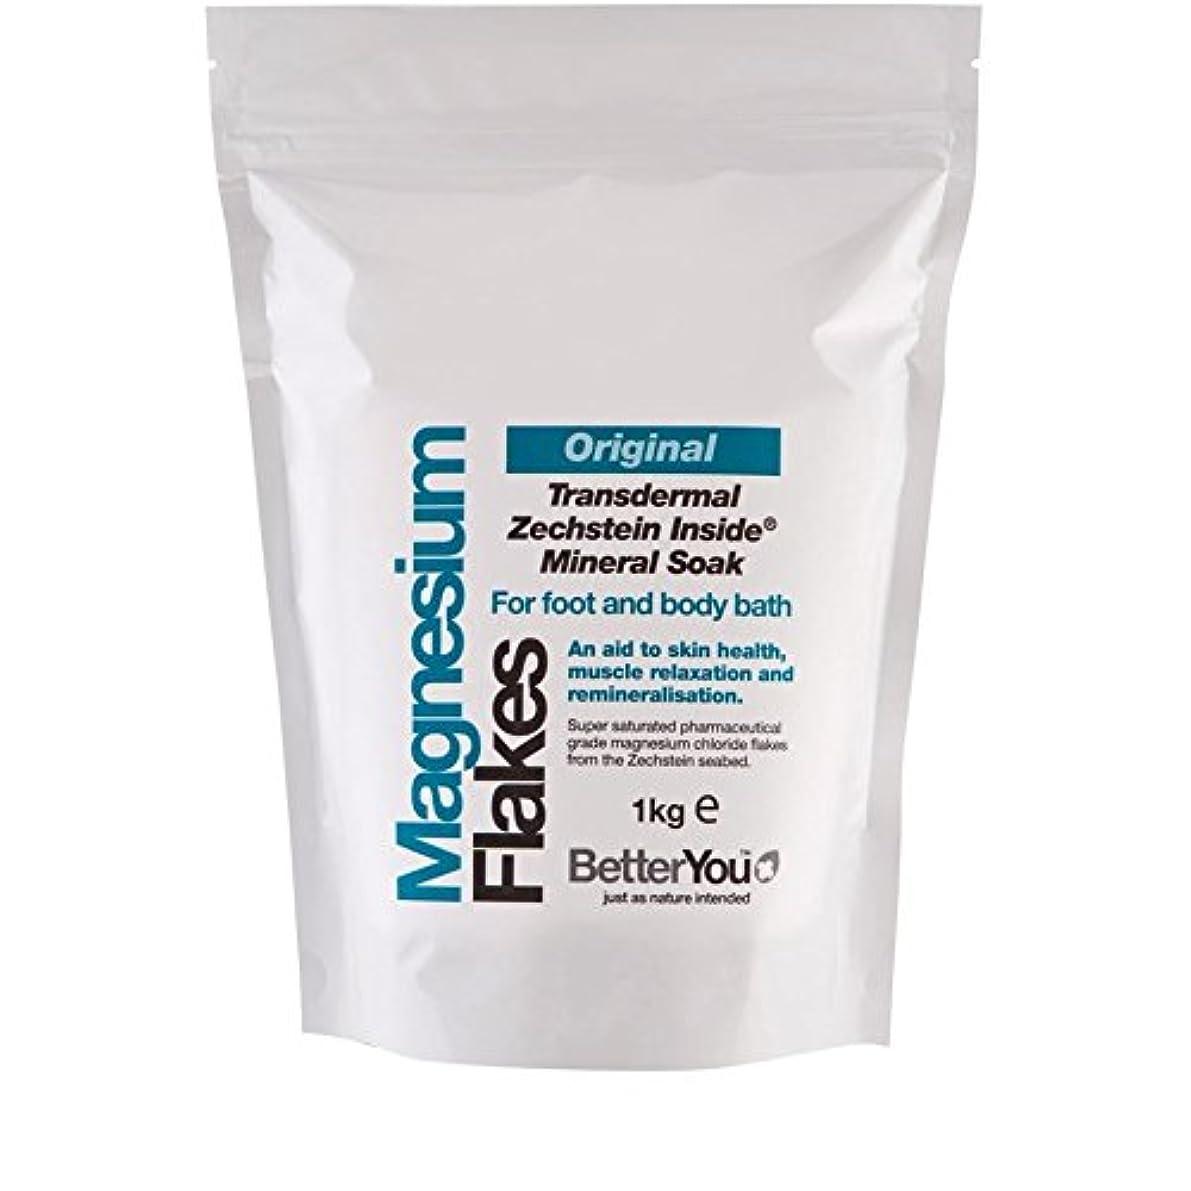 適応的失速八より良いあなたマグネシウムフレーク元1キロ x4 - Better you Magnesium Flakes Original 1kg (Pack of 4) [並行輸入品]